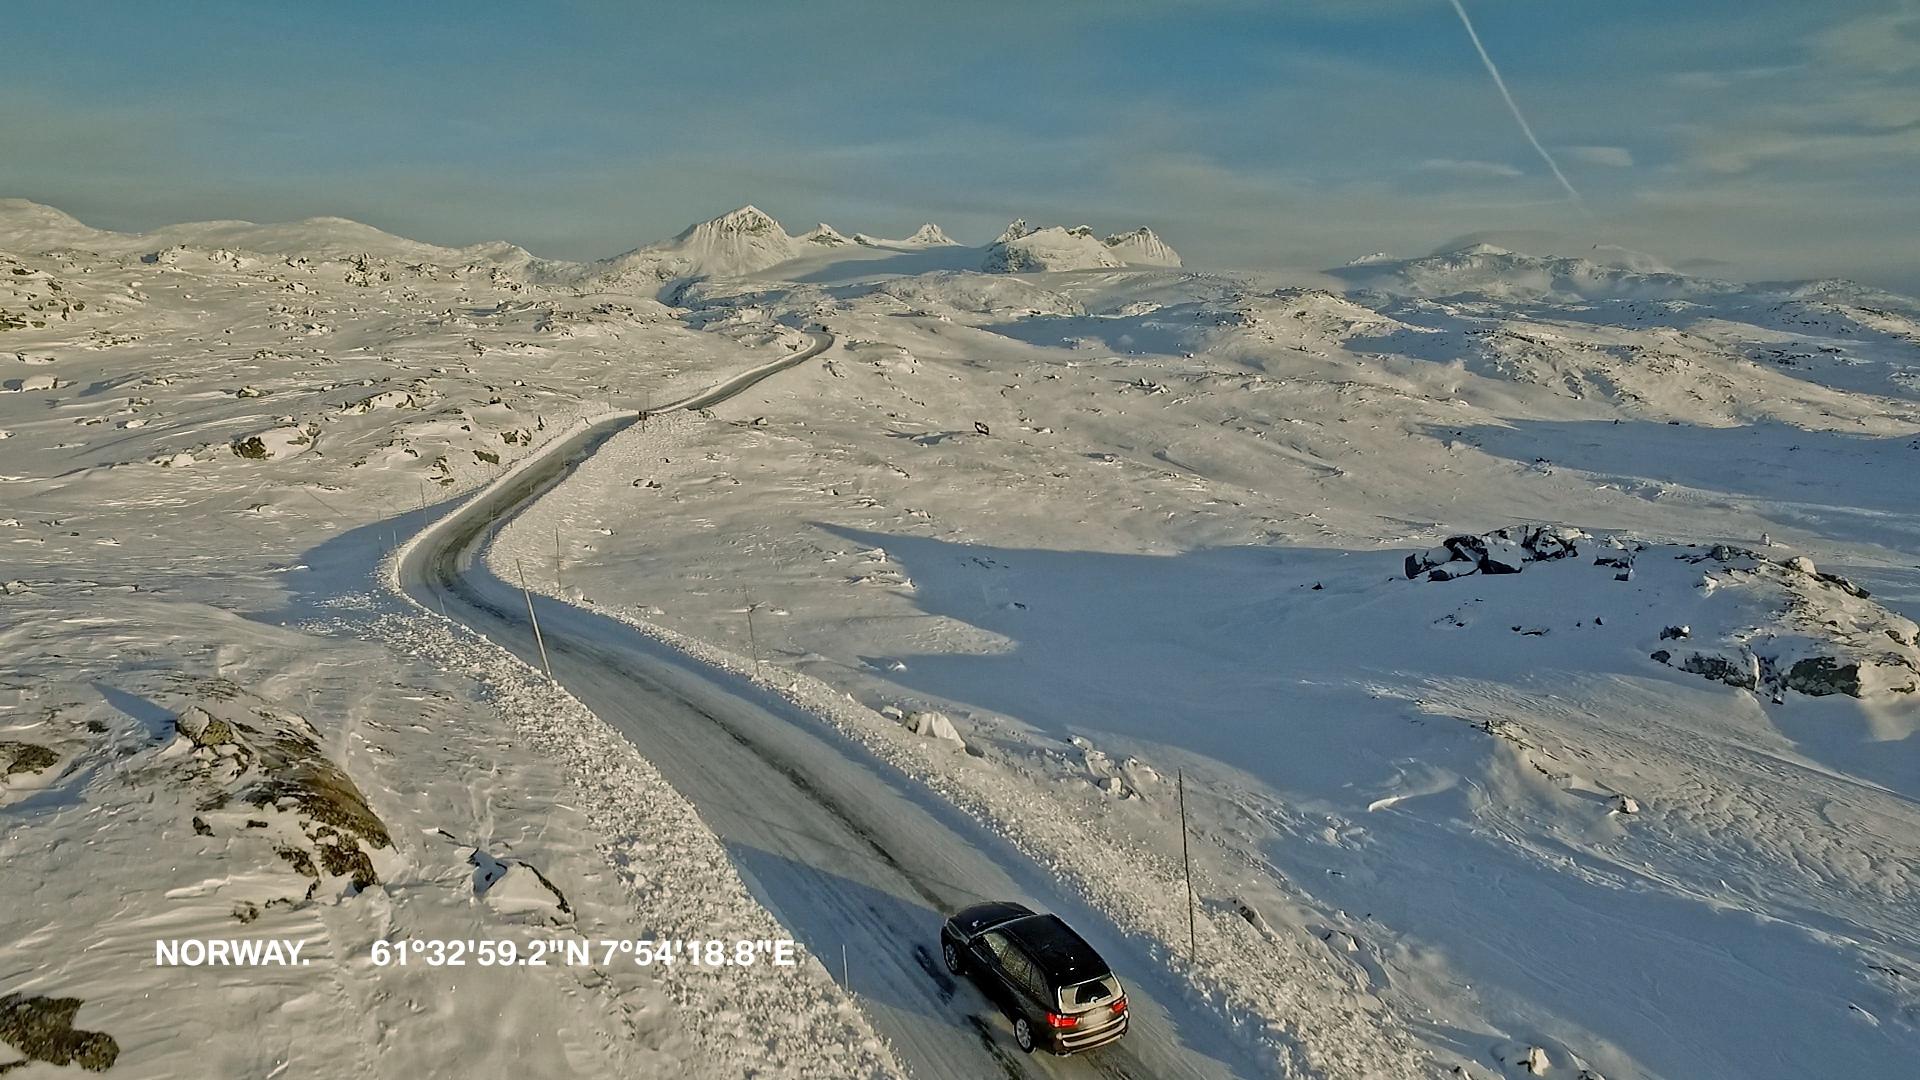 Schwarzer BMW Schnee Norwegen Nordeuropa Filmproduktion xdrive Locationscouting ressourcenmangel Berlin Knitterfisch dresden